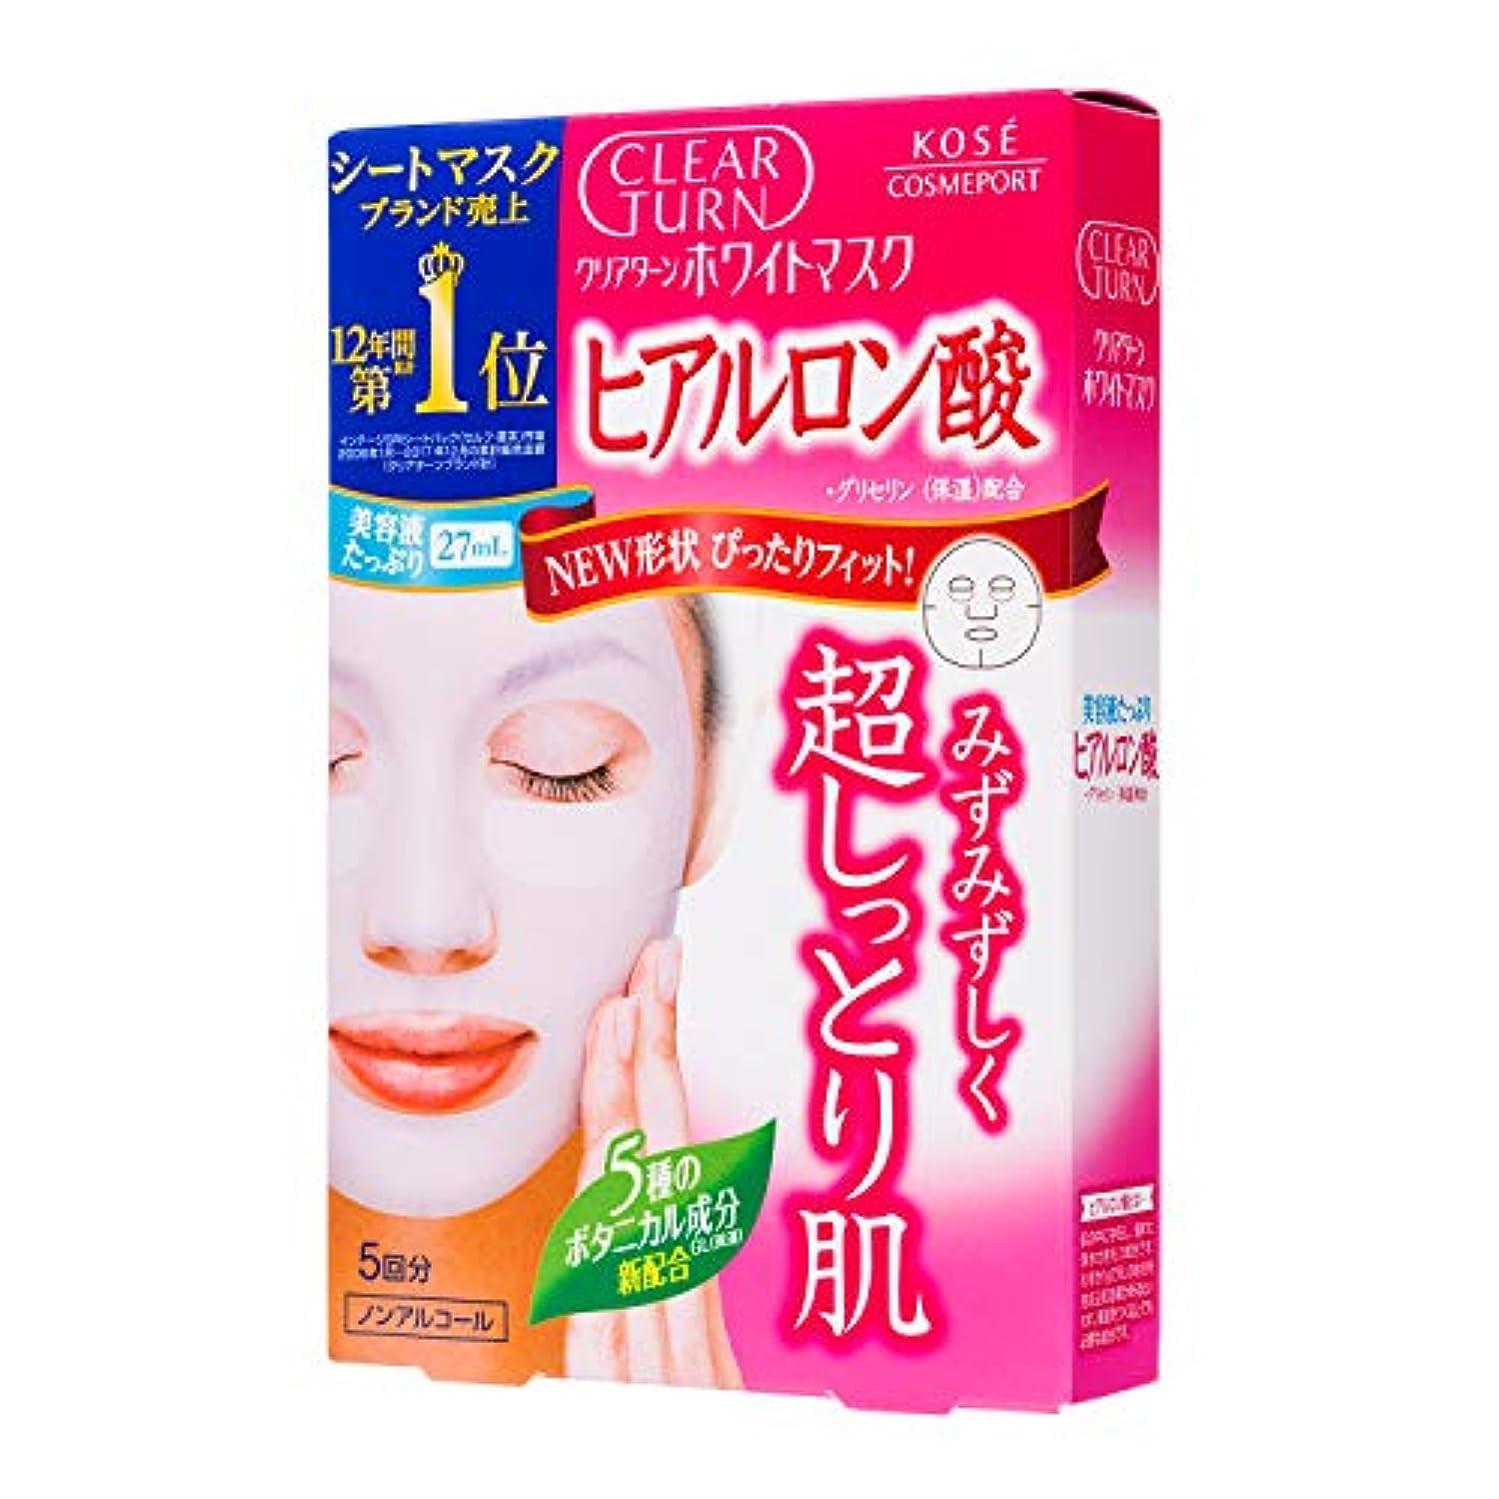 頑張る気楽な東ティモールKOSE コーセー クリアターン ホワイト マスク HA (ヒアルロン酸) 5回分 (22mL×5)